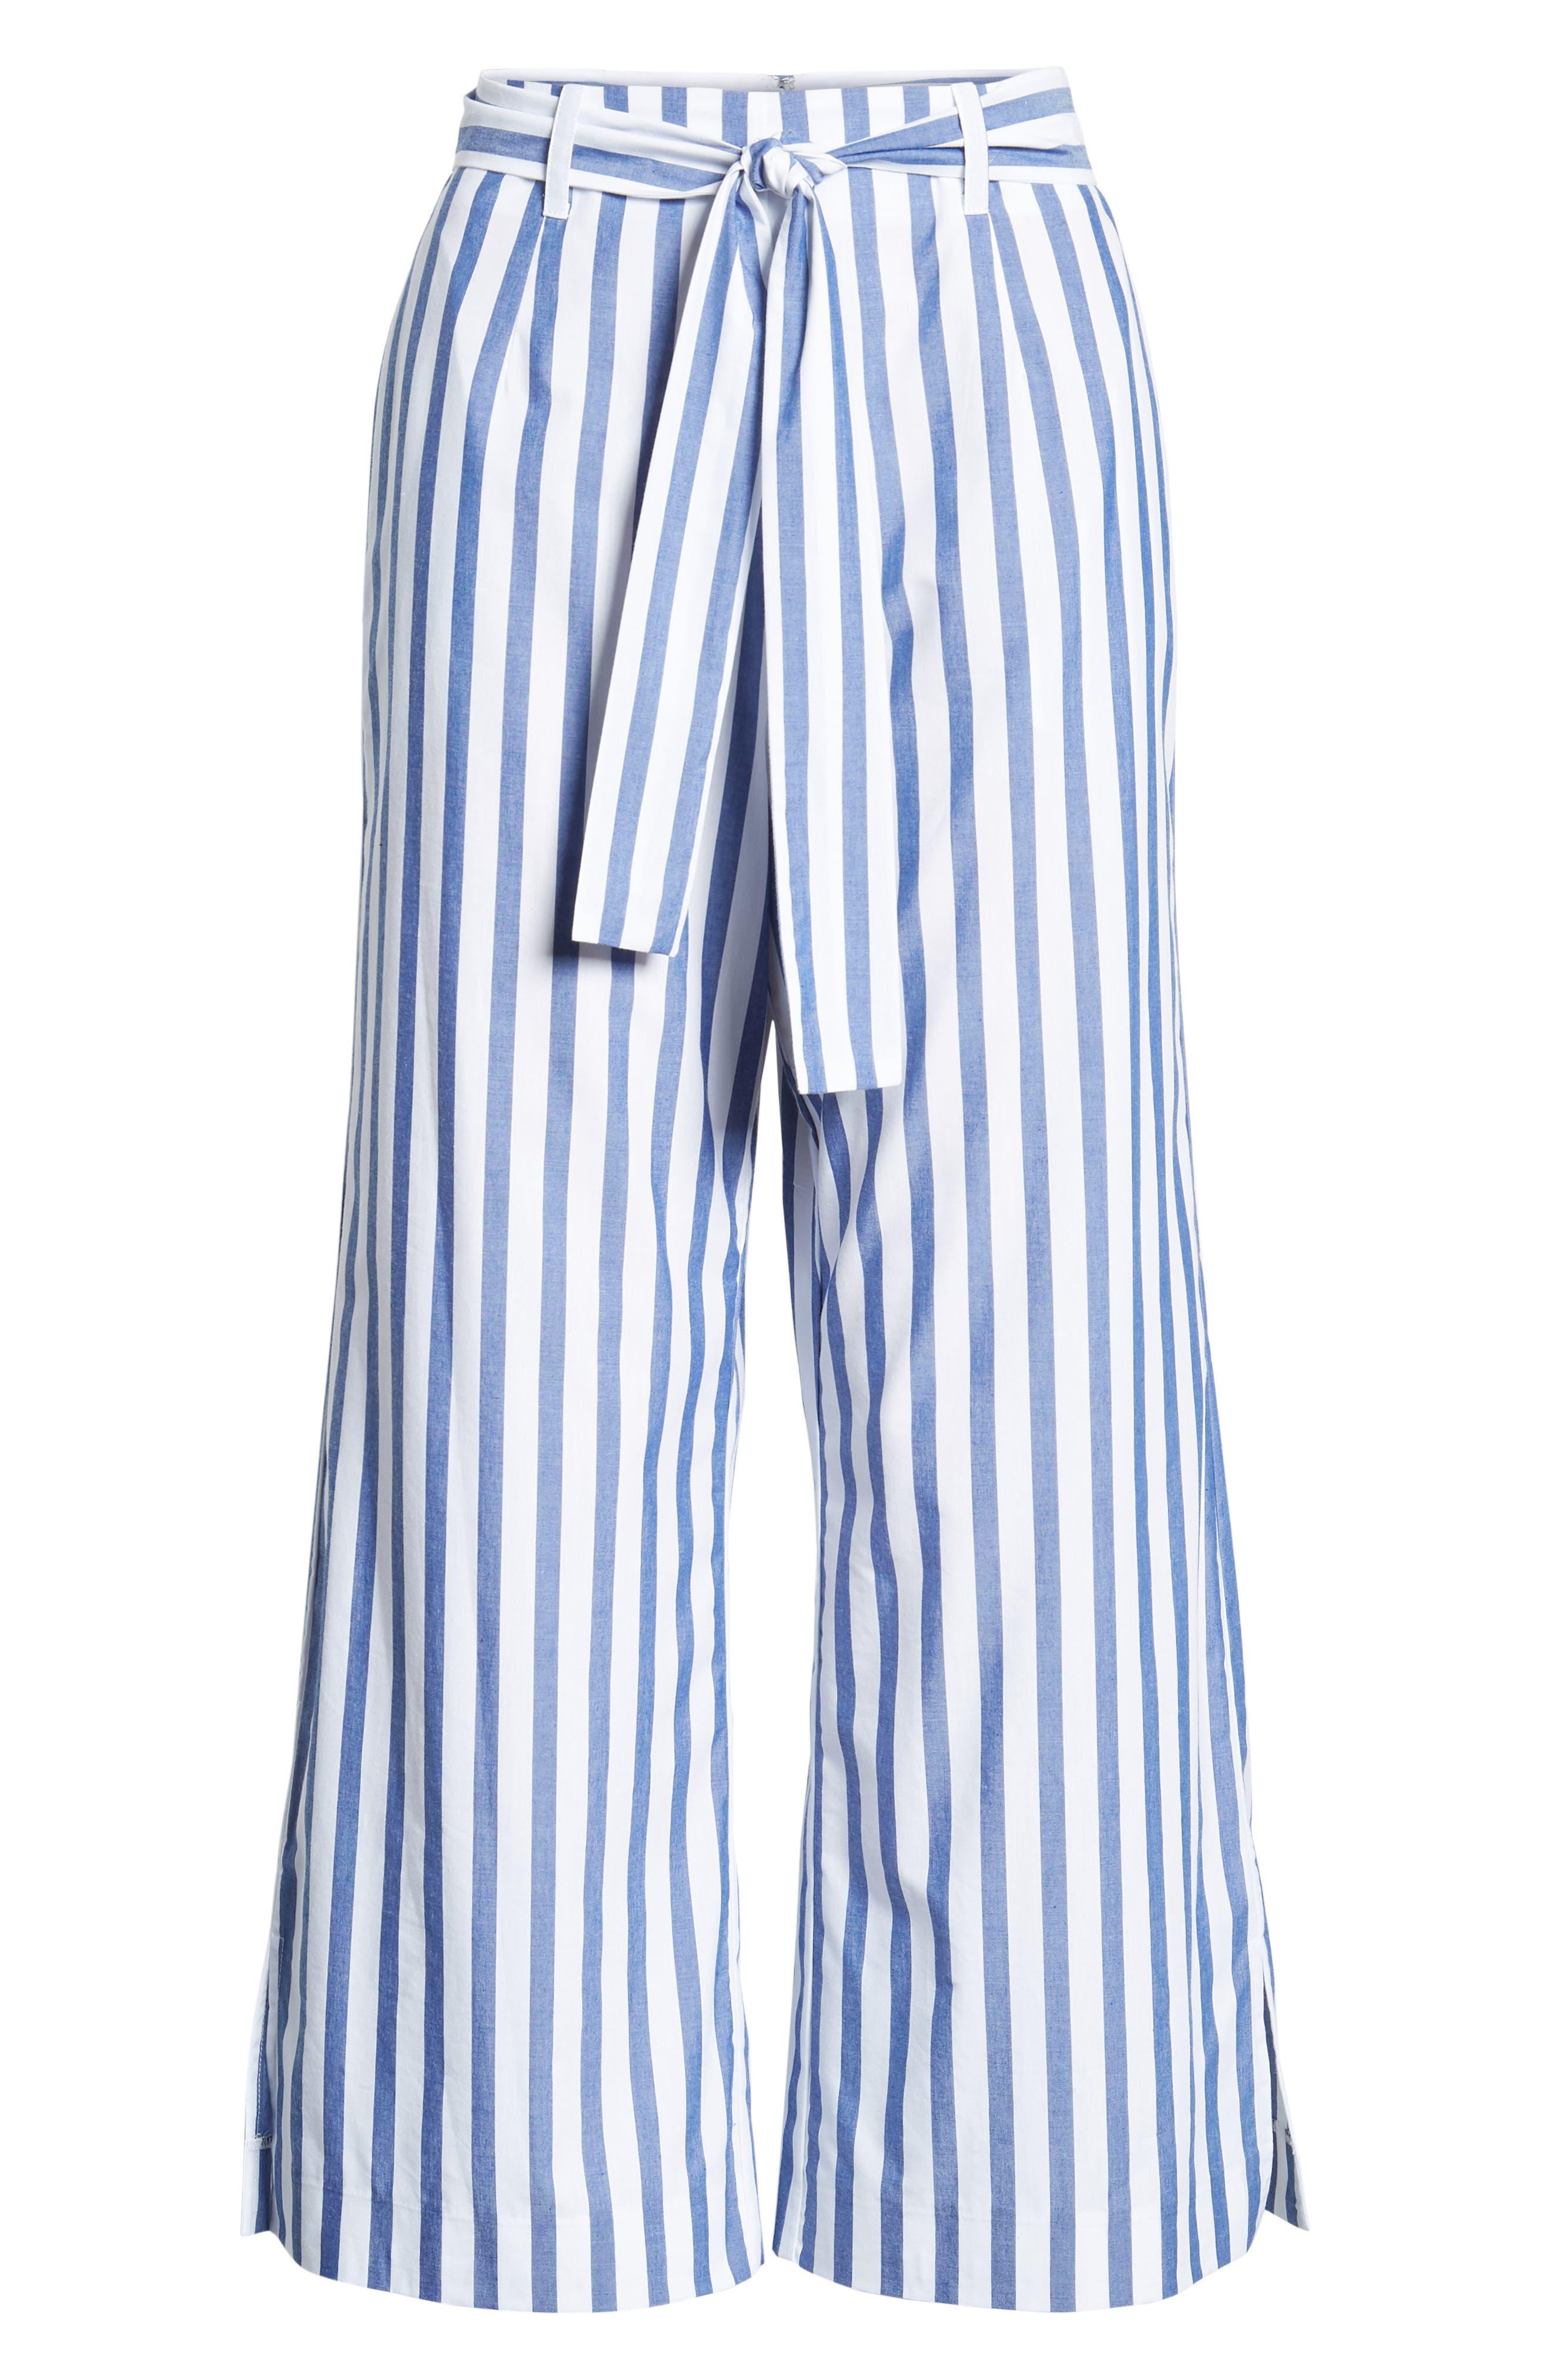 Aversa Crop Wide Leg Pants,                             Alternate thumbnail 7, color,                             Navy Stripe